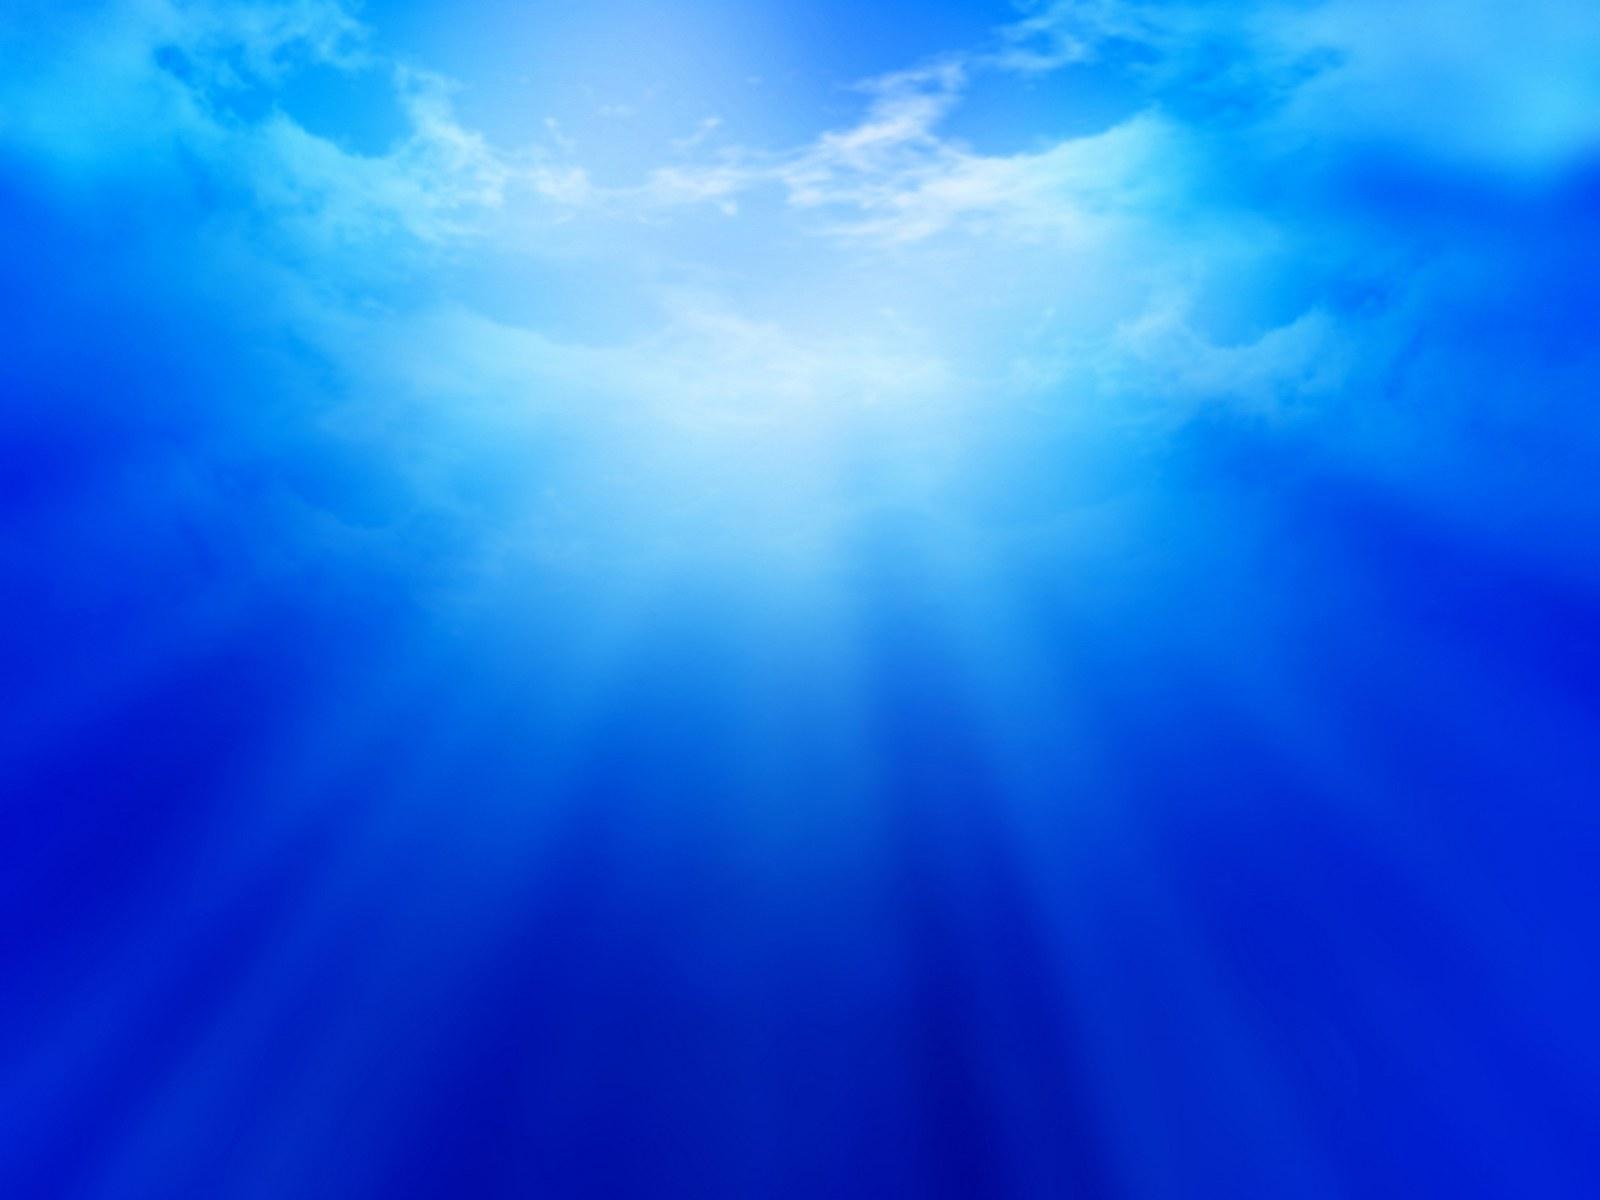 http://2.bp.blogspot.com/-J2xDa8WHkgY/TzBW56Huu6I/AAAAAAAABcY/pIbN3je5yYg/s1600/The-best-top-desktop-blue-wallpapers-blue-wallpaper-blue-background-hd-5.jpg